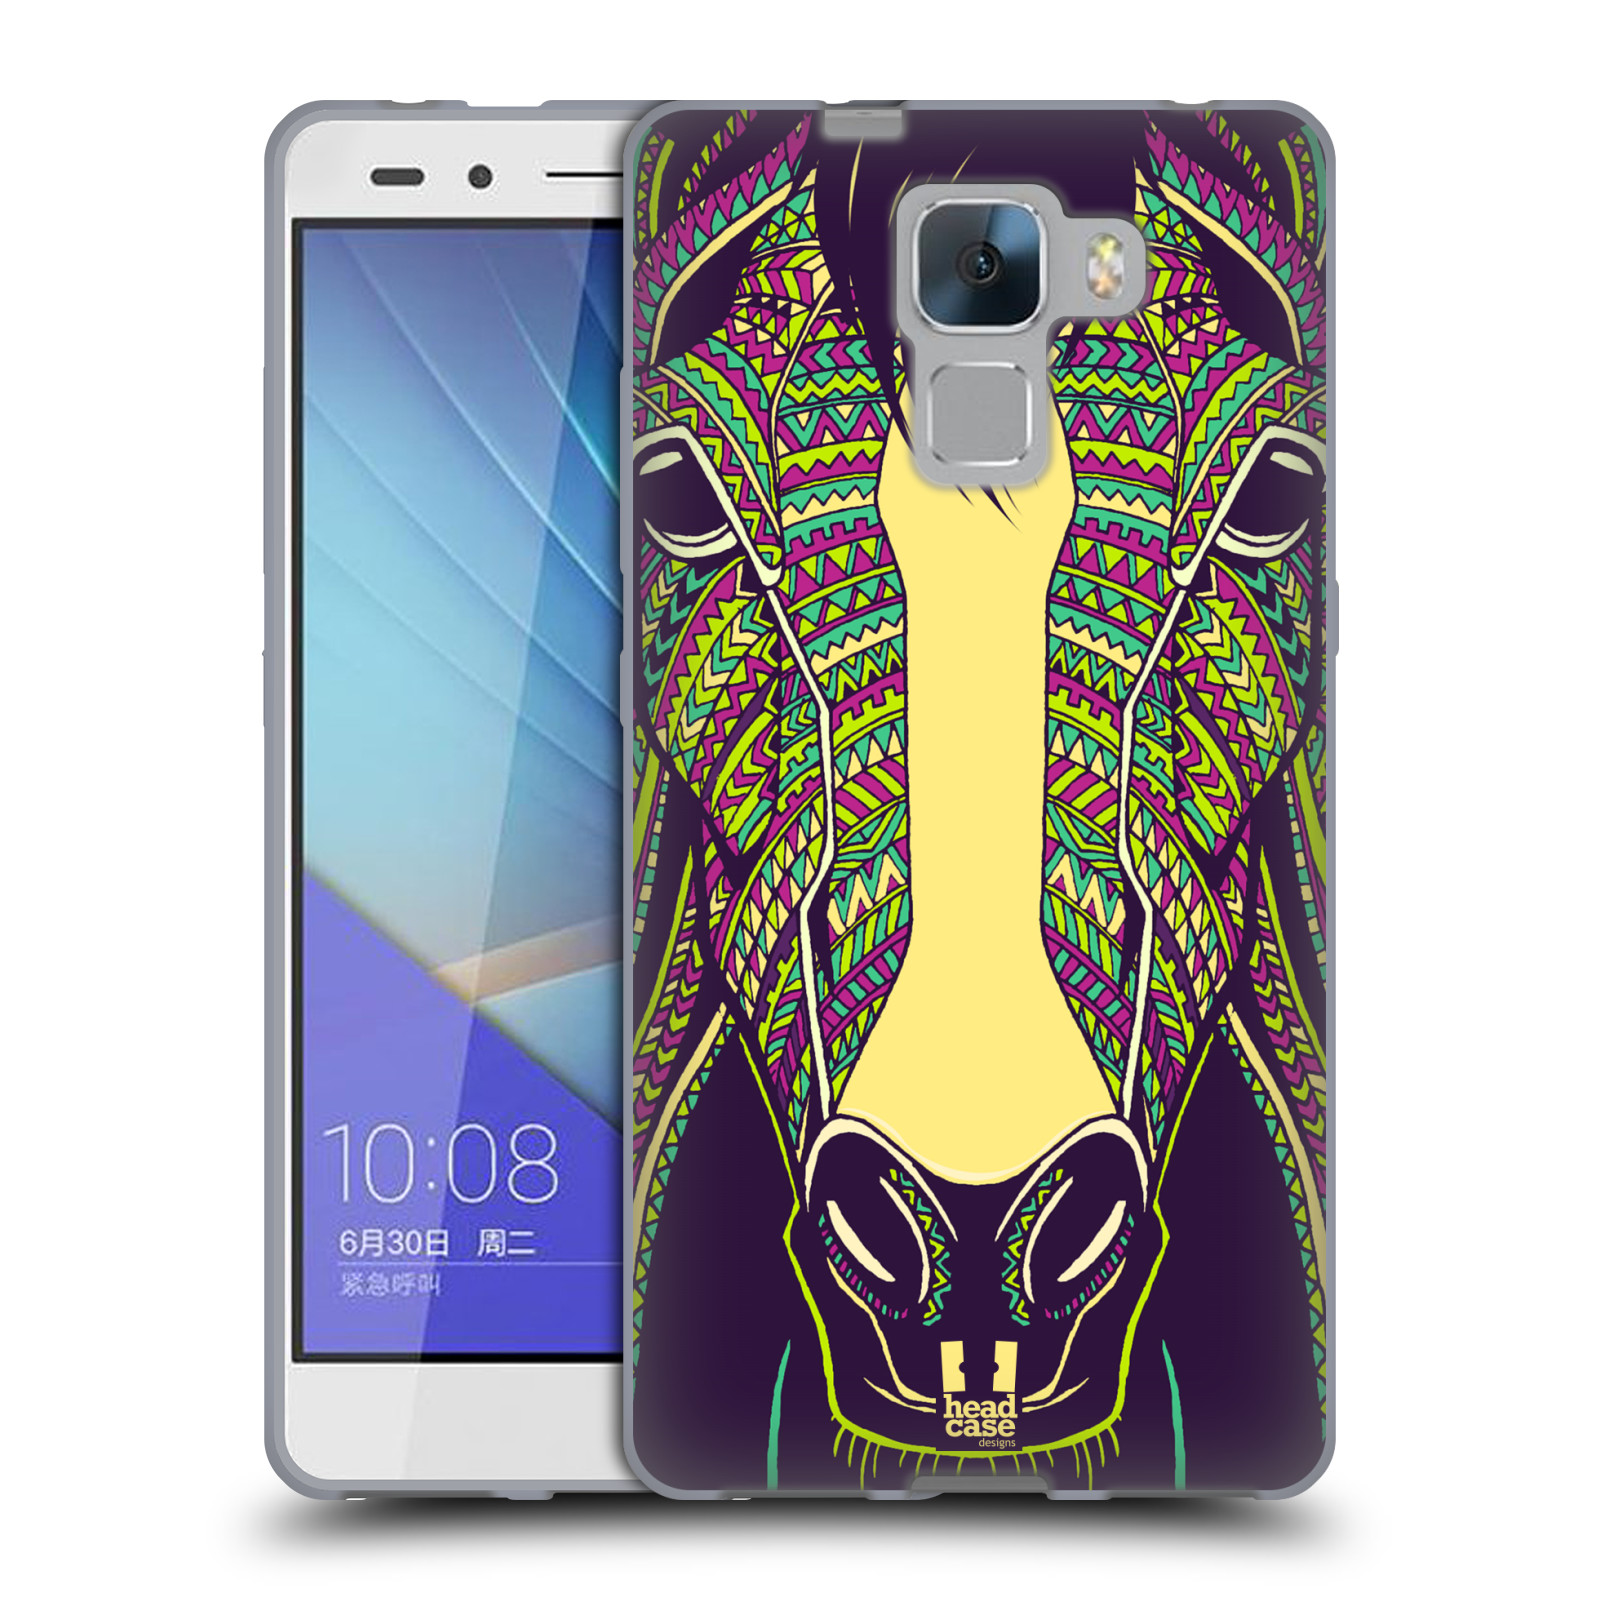 Silikonové pouzdro na mobil Honor 7 HEAD CASE AZTEC KŮŇ